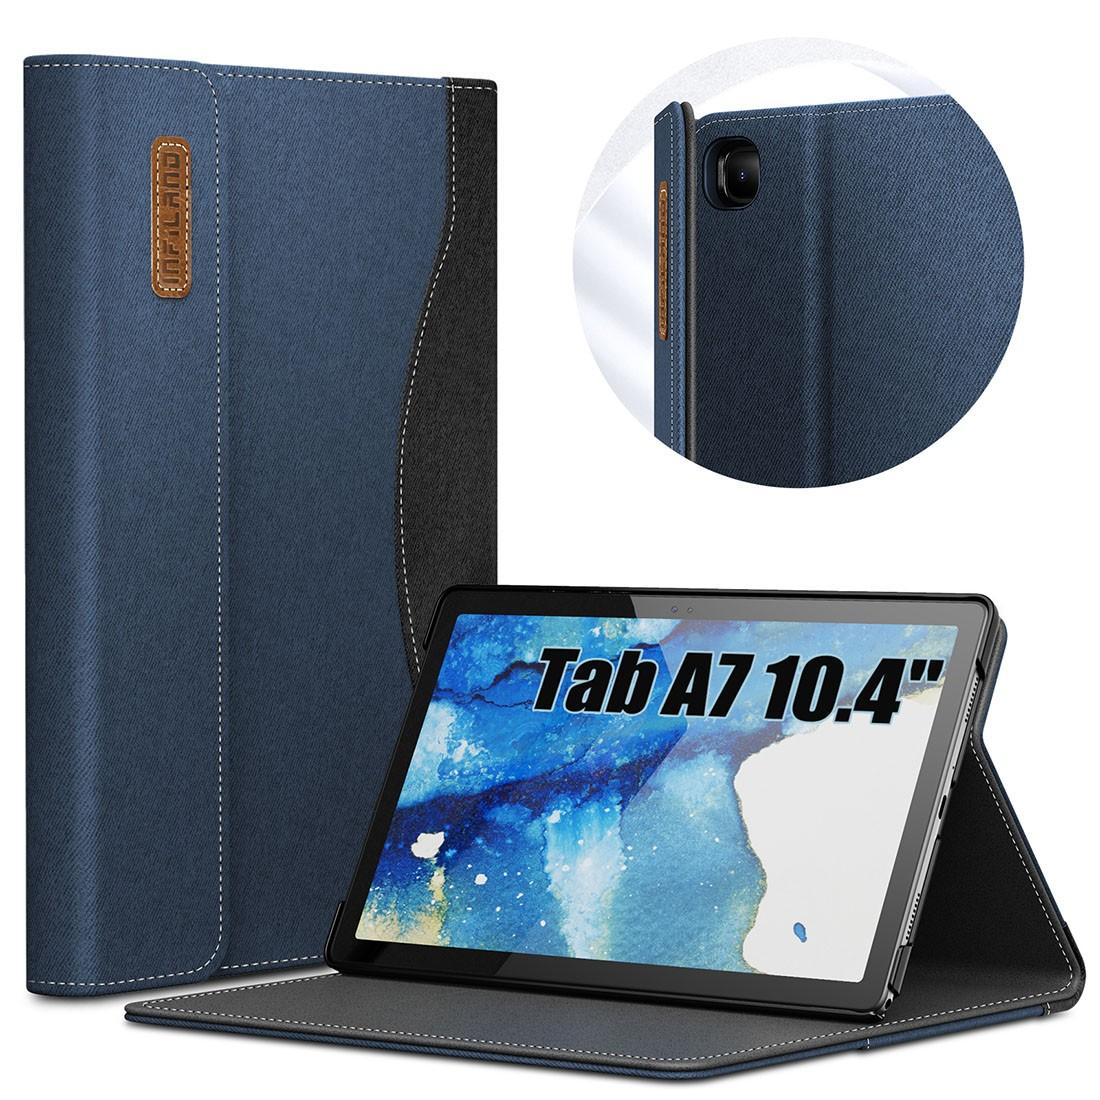 Capa Premium Business Séries com Fino Acabamento Galaxy Tab A7 10.4 pol 2020 SM-T500 e SM-T505